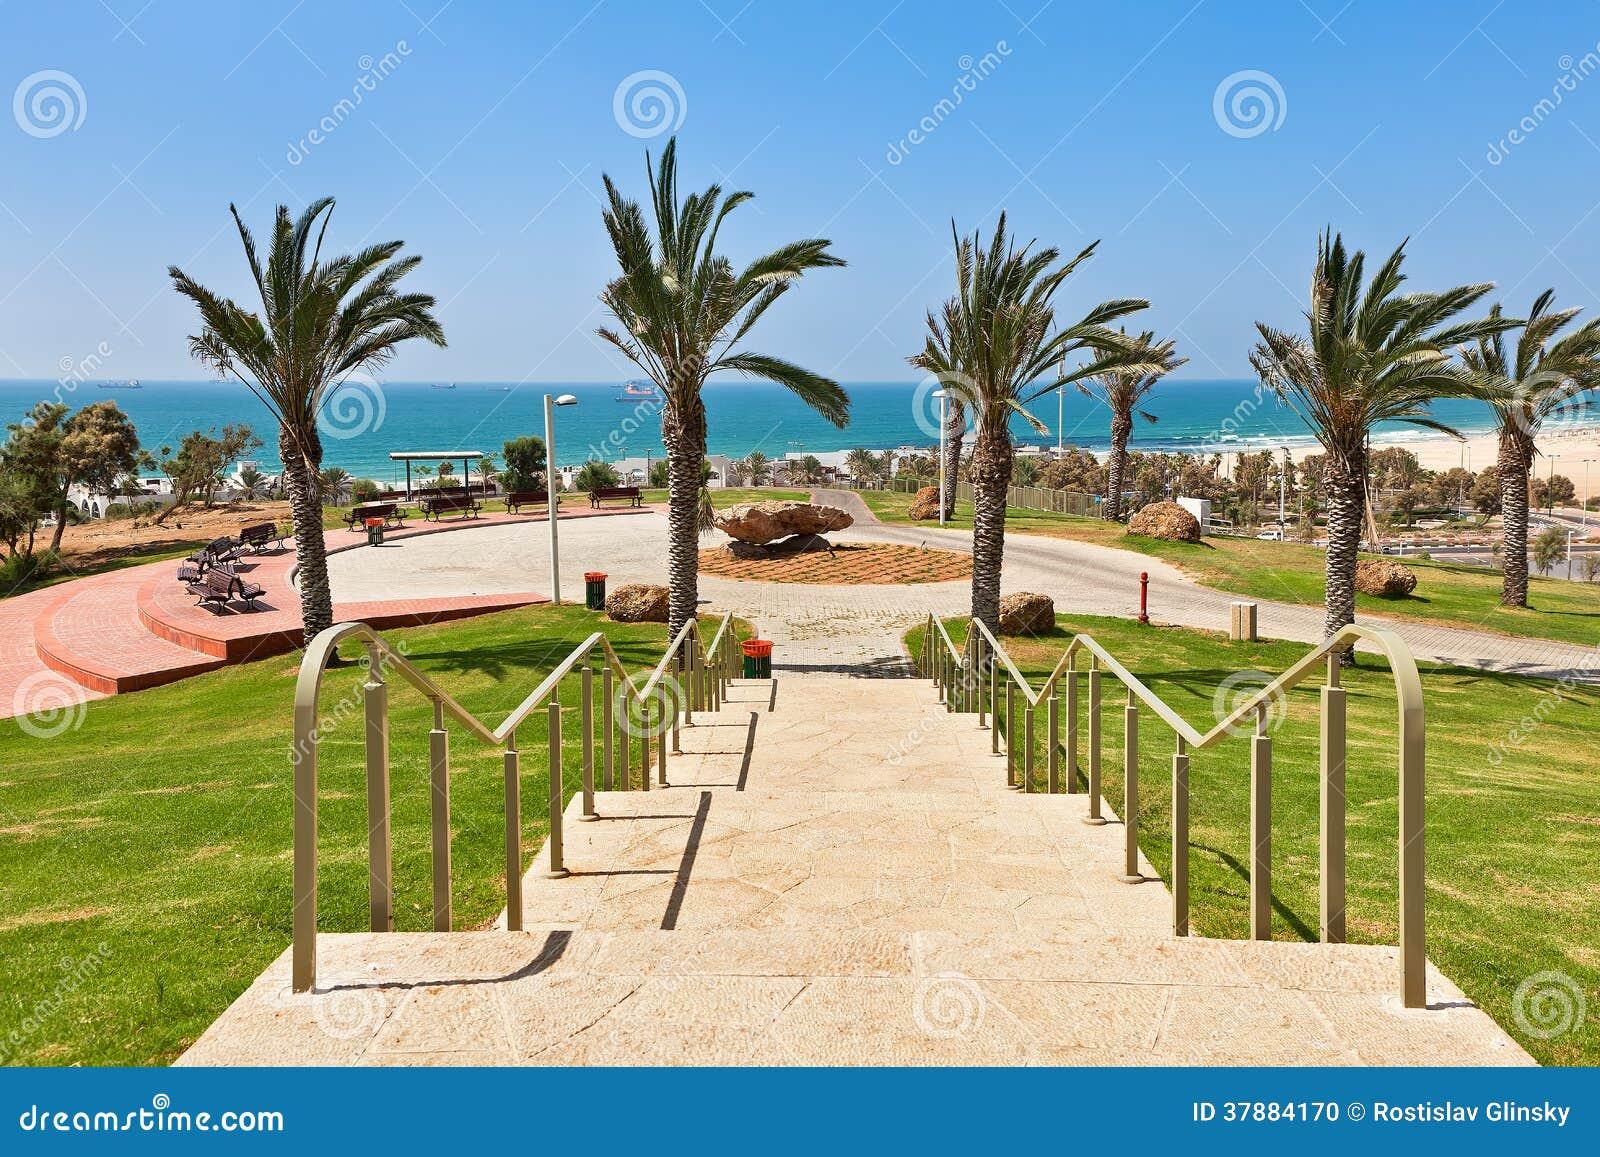 Городской парк в Ашдоде, Израиле.